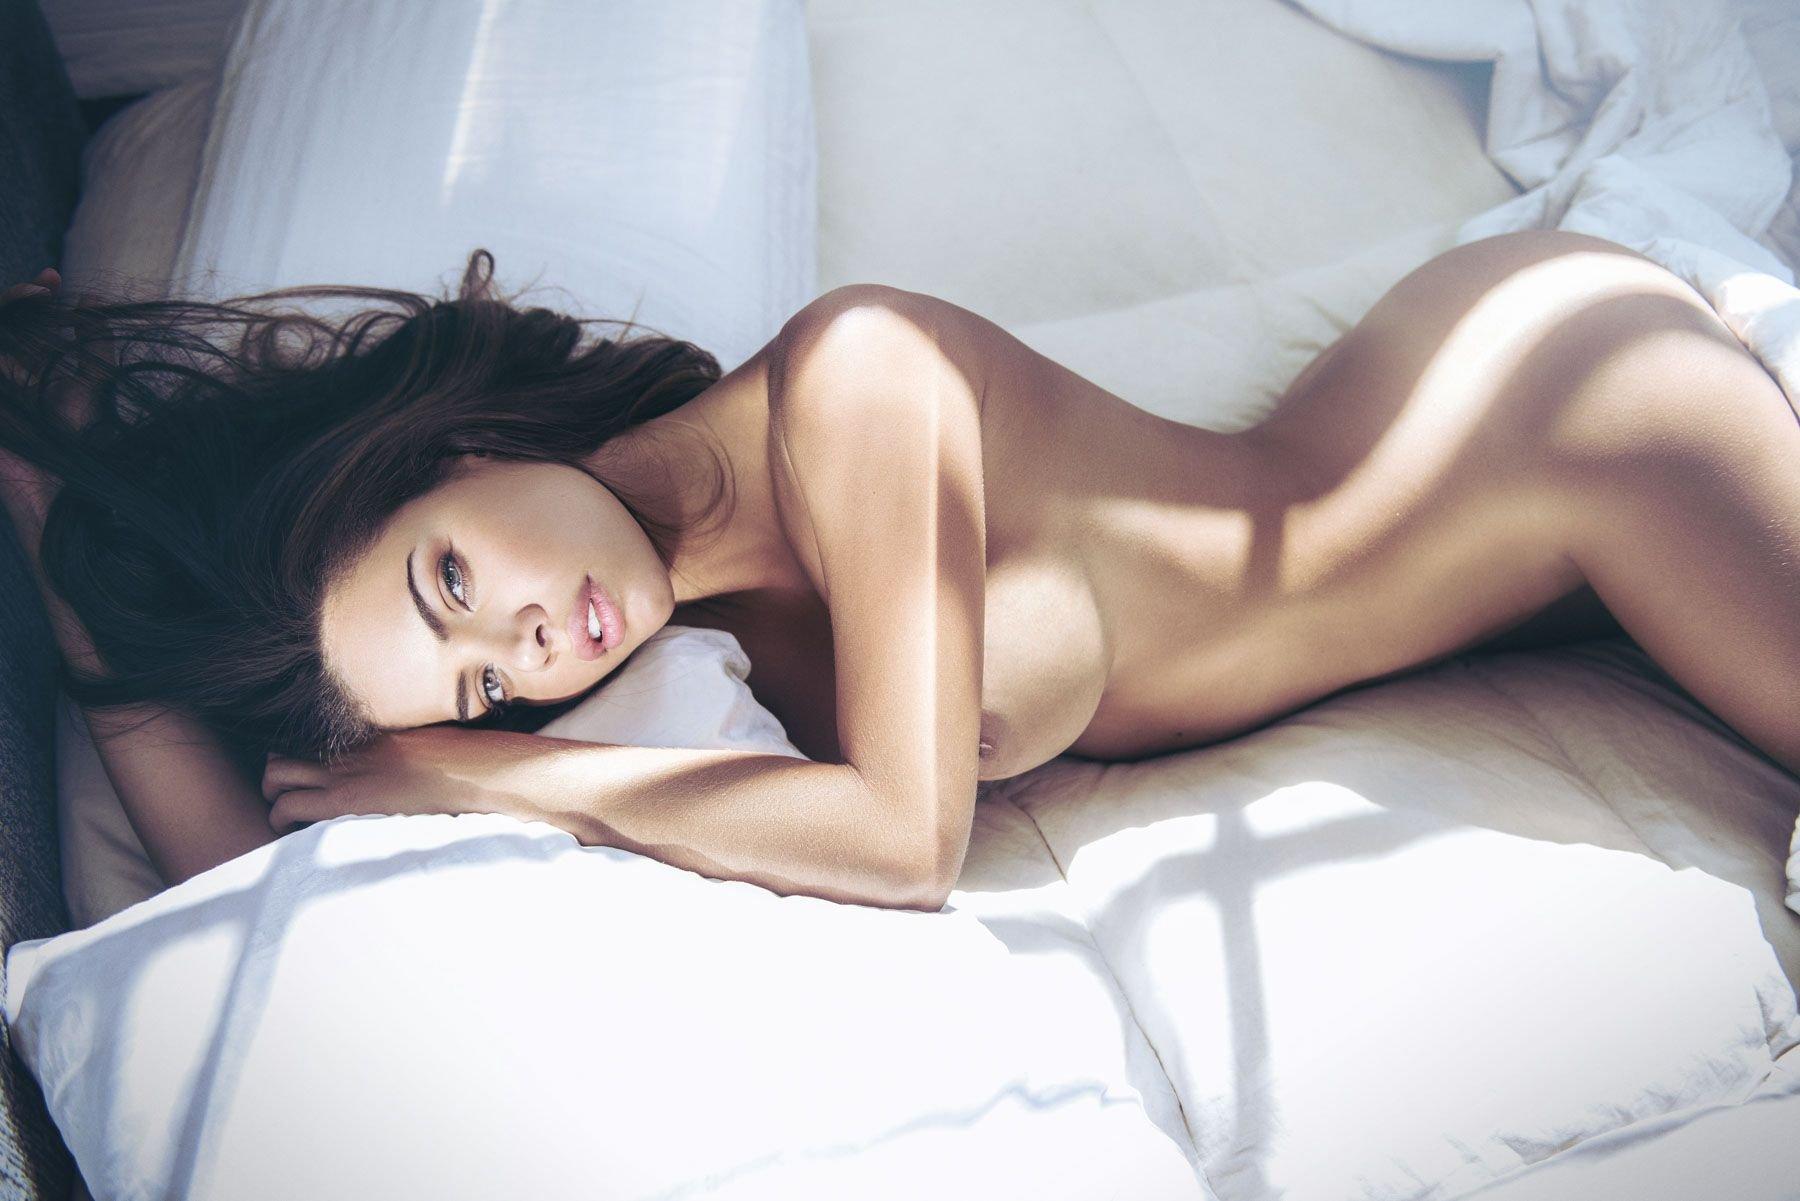 Linda hogan nude photos